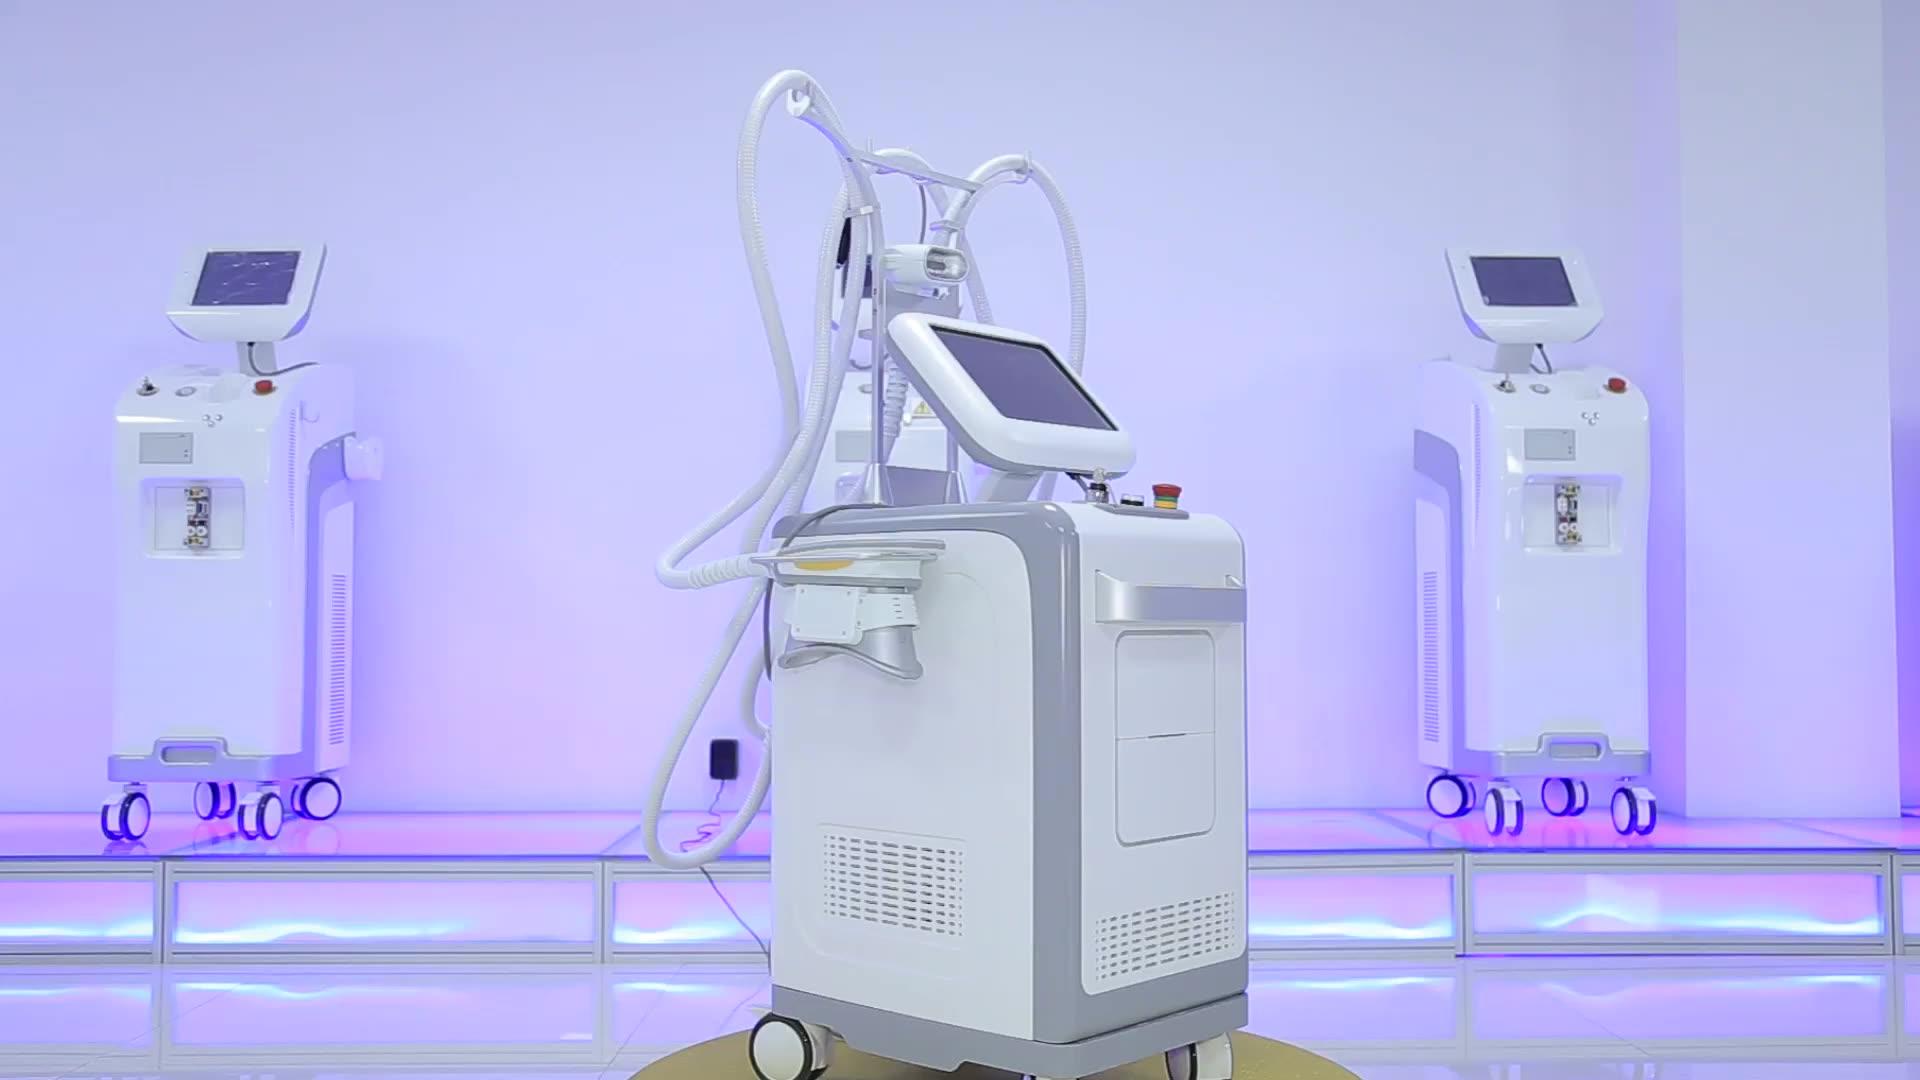 2020 NEUESTE profession elle Gefrier fett Gewichts verlust Maschine für Körper Kryo lipolyse Kryo lipolyse Fett gefrieren Kryo-Maschine zu verkaufen